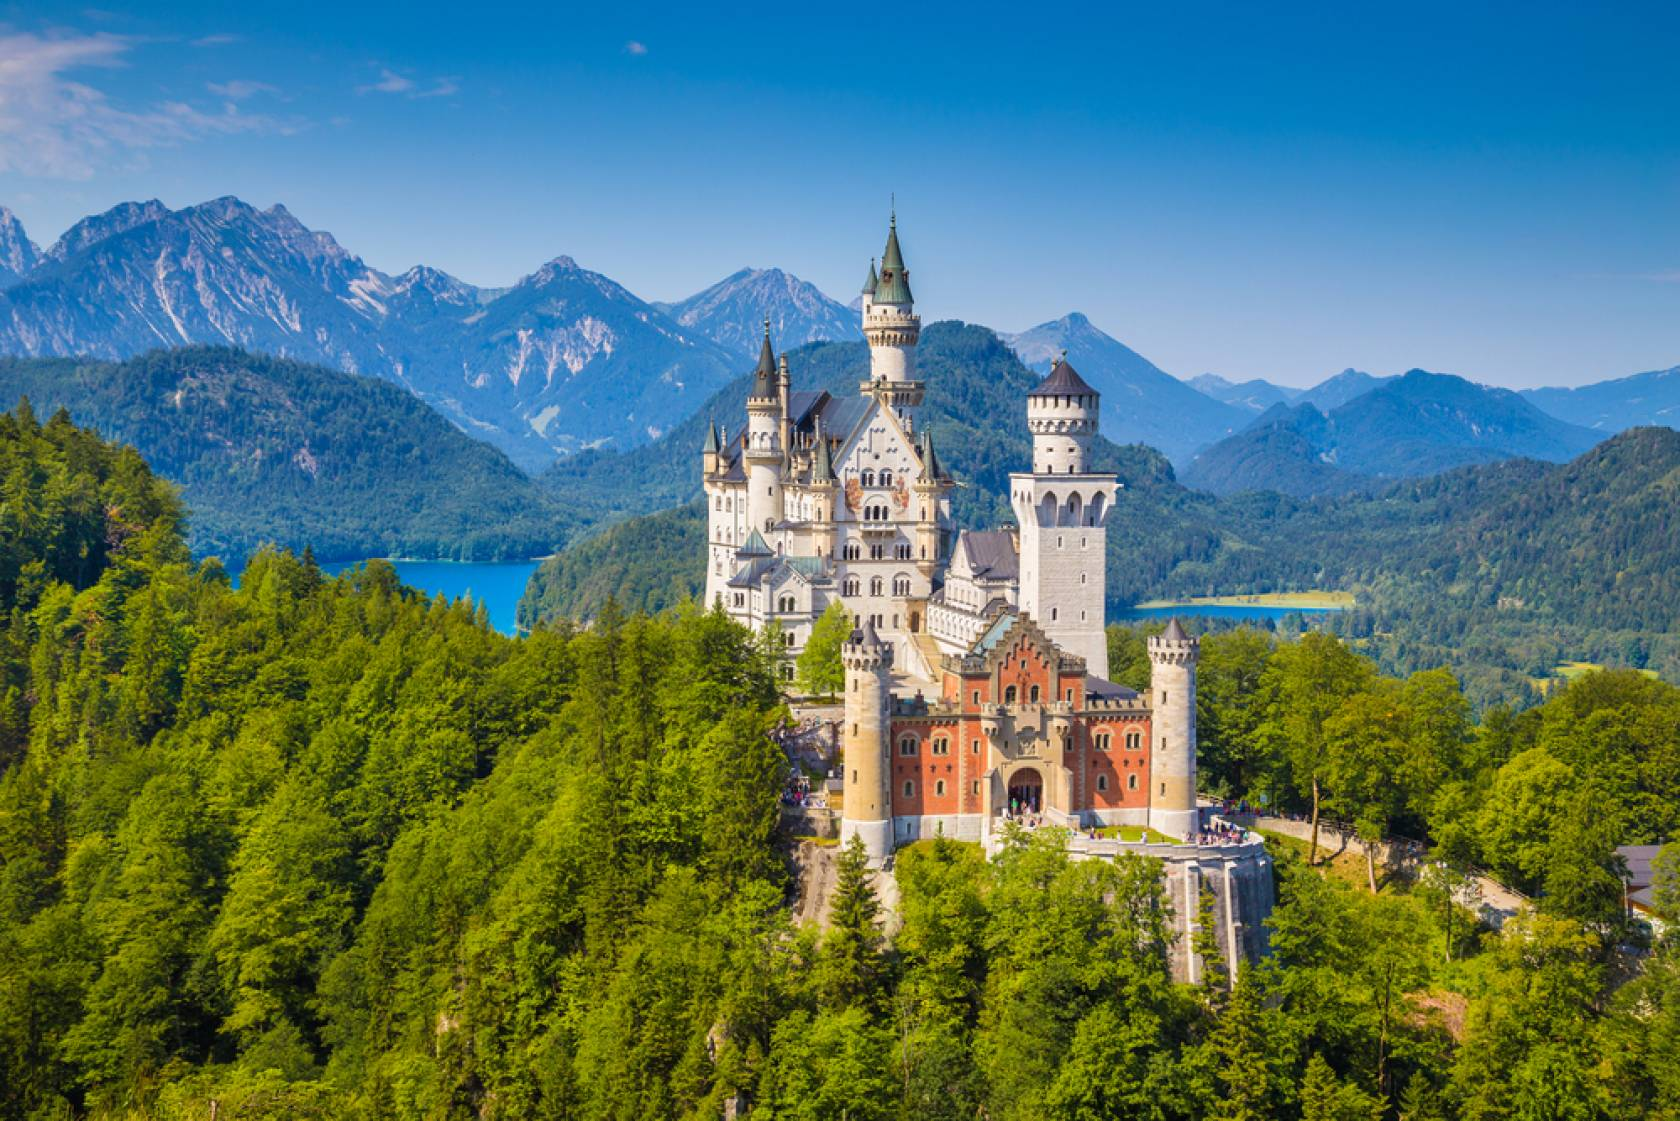 ドイツ オーストリア 旅行